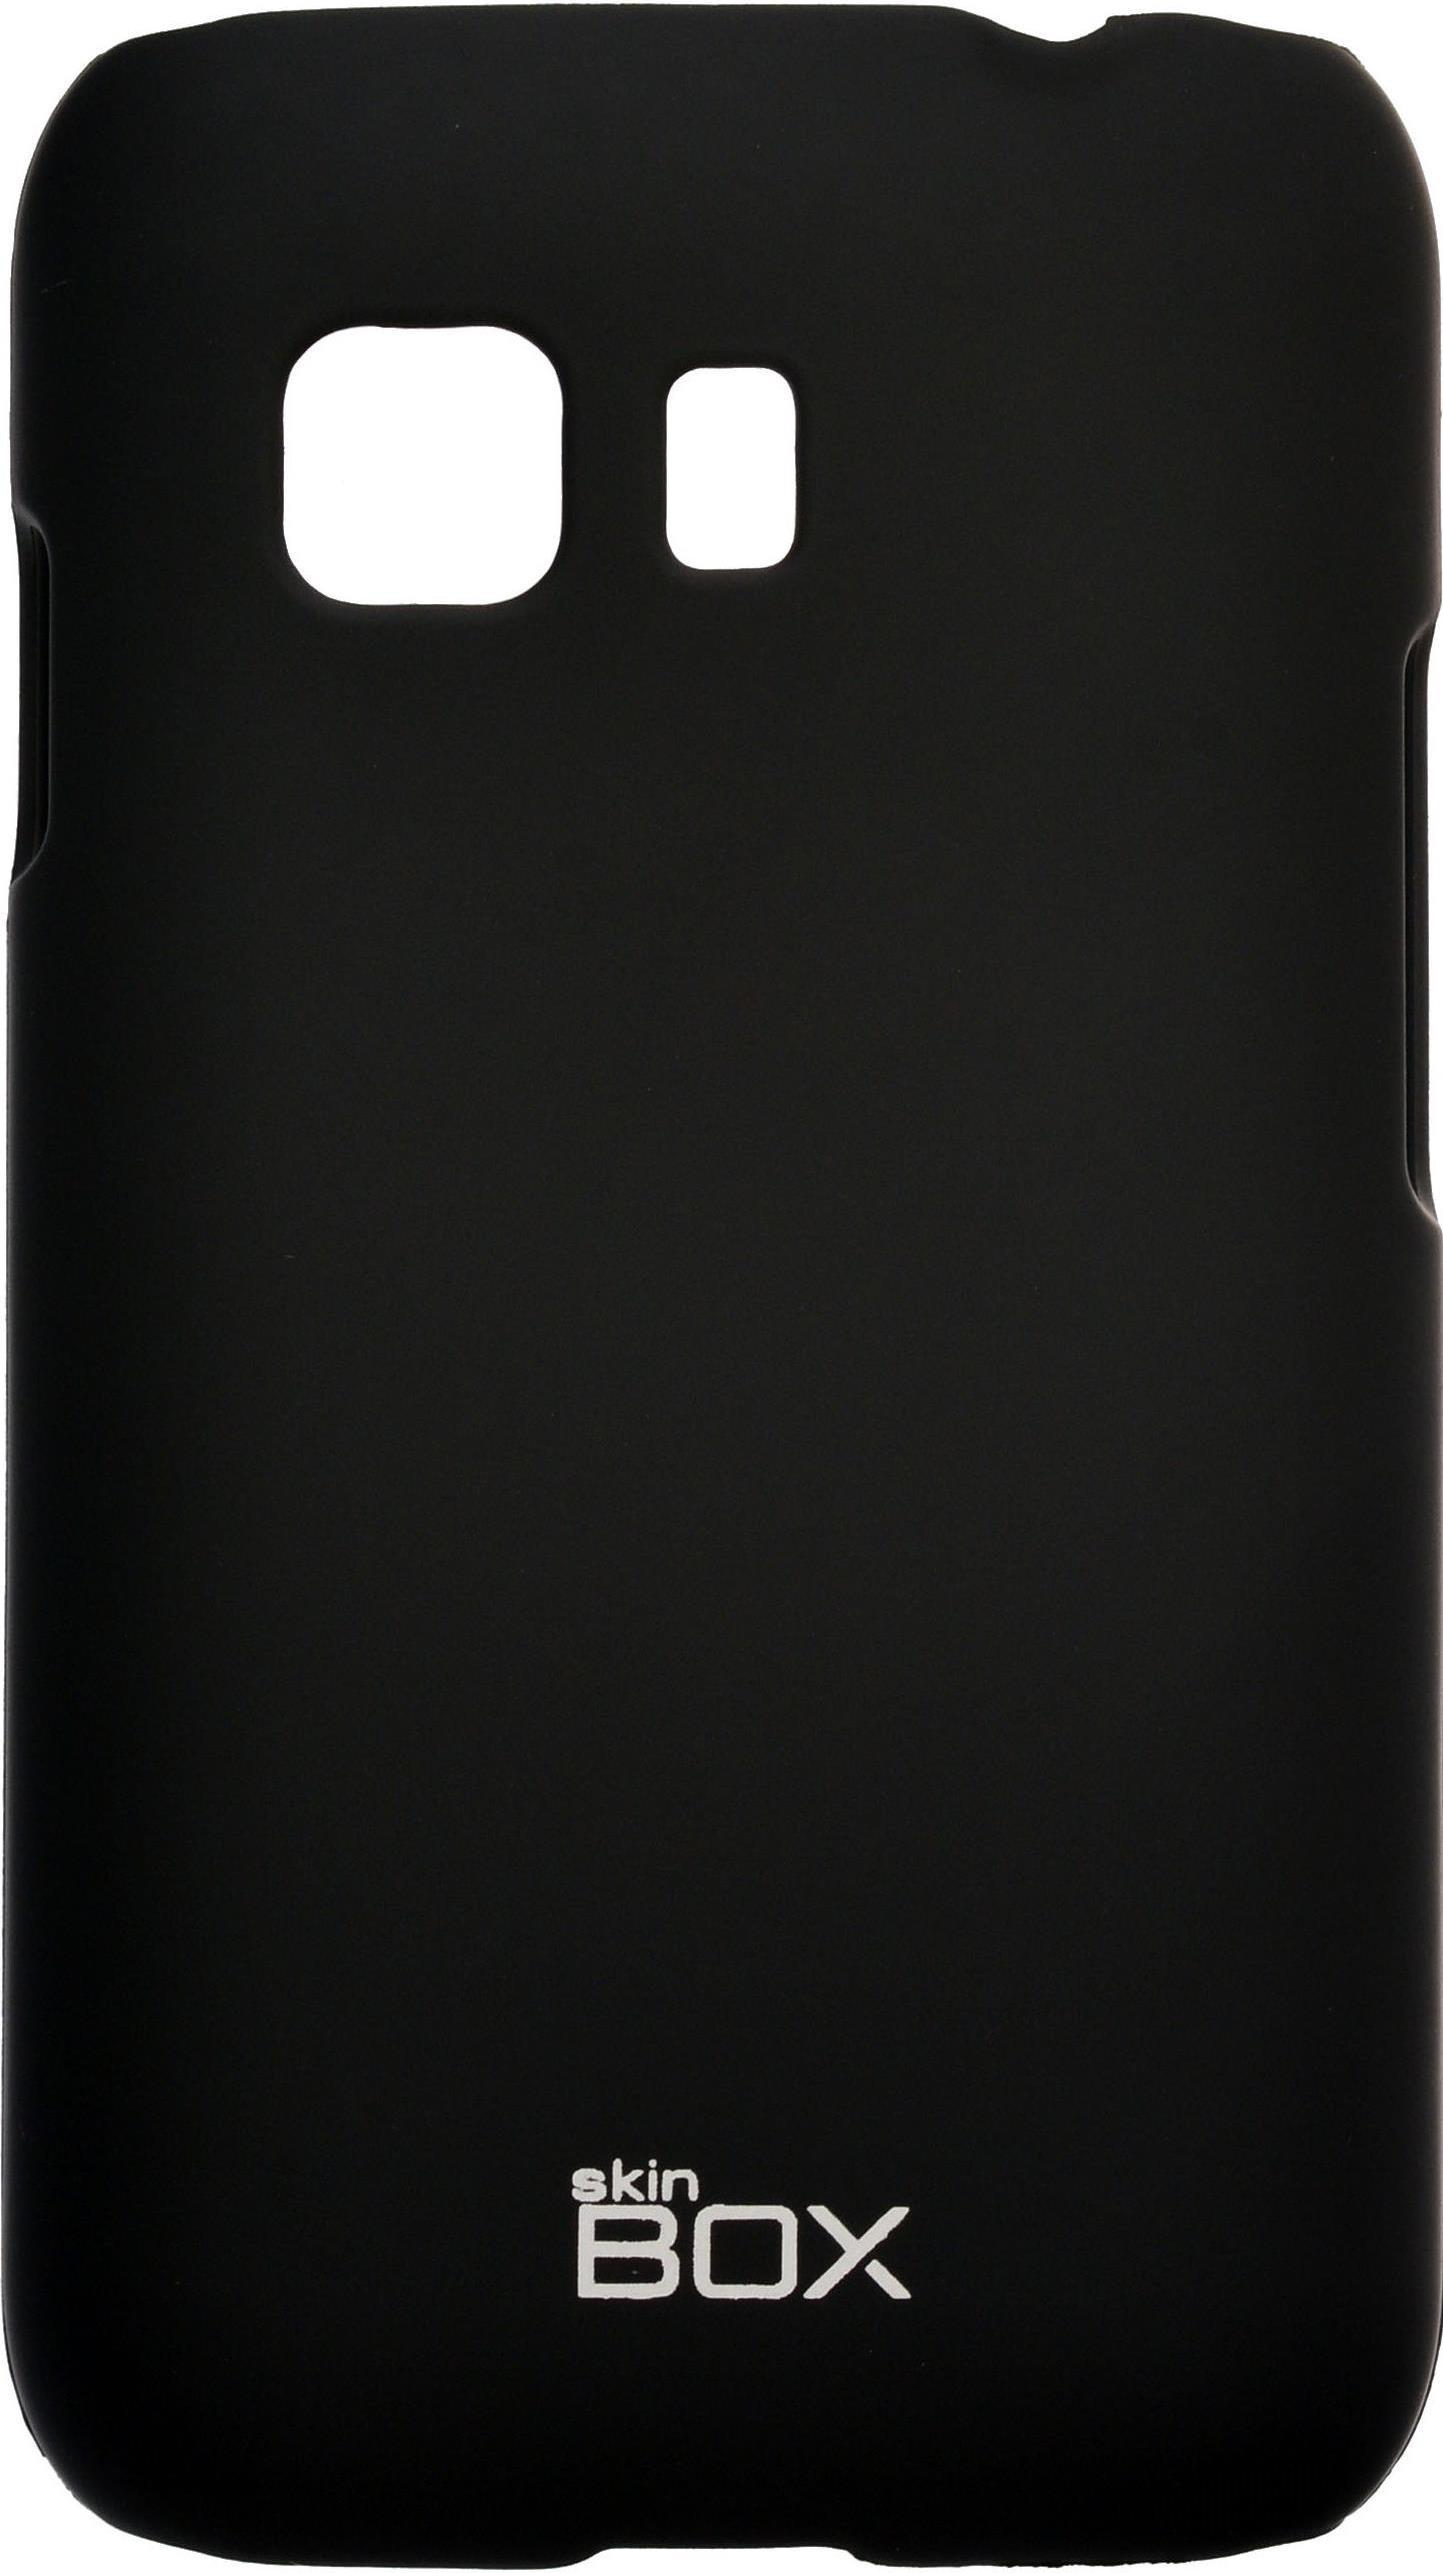 Накладка skinBOX для Samsung Galaxy Young 2 черный кеды мужские s oliver цвет синий 5 5 13604 22 805 101 размер 45